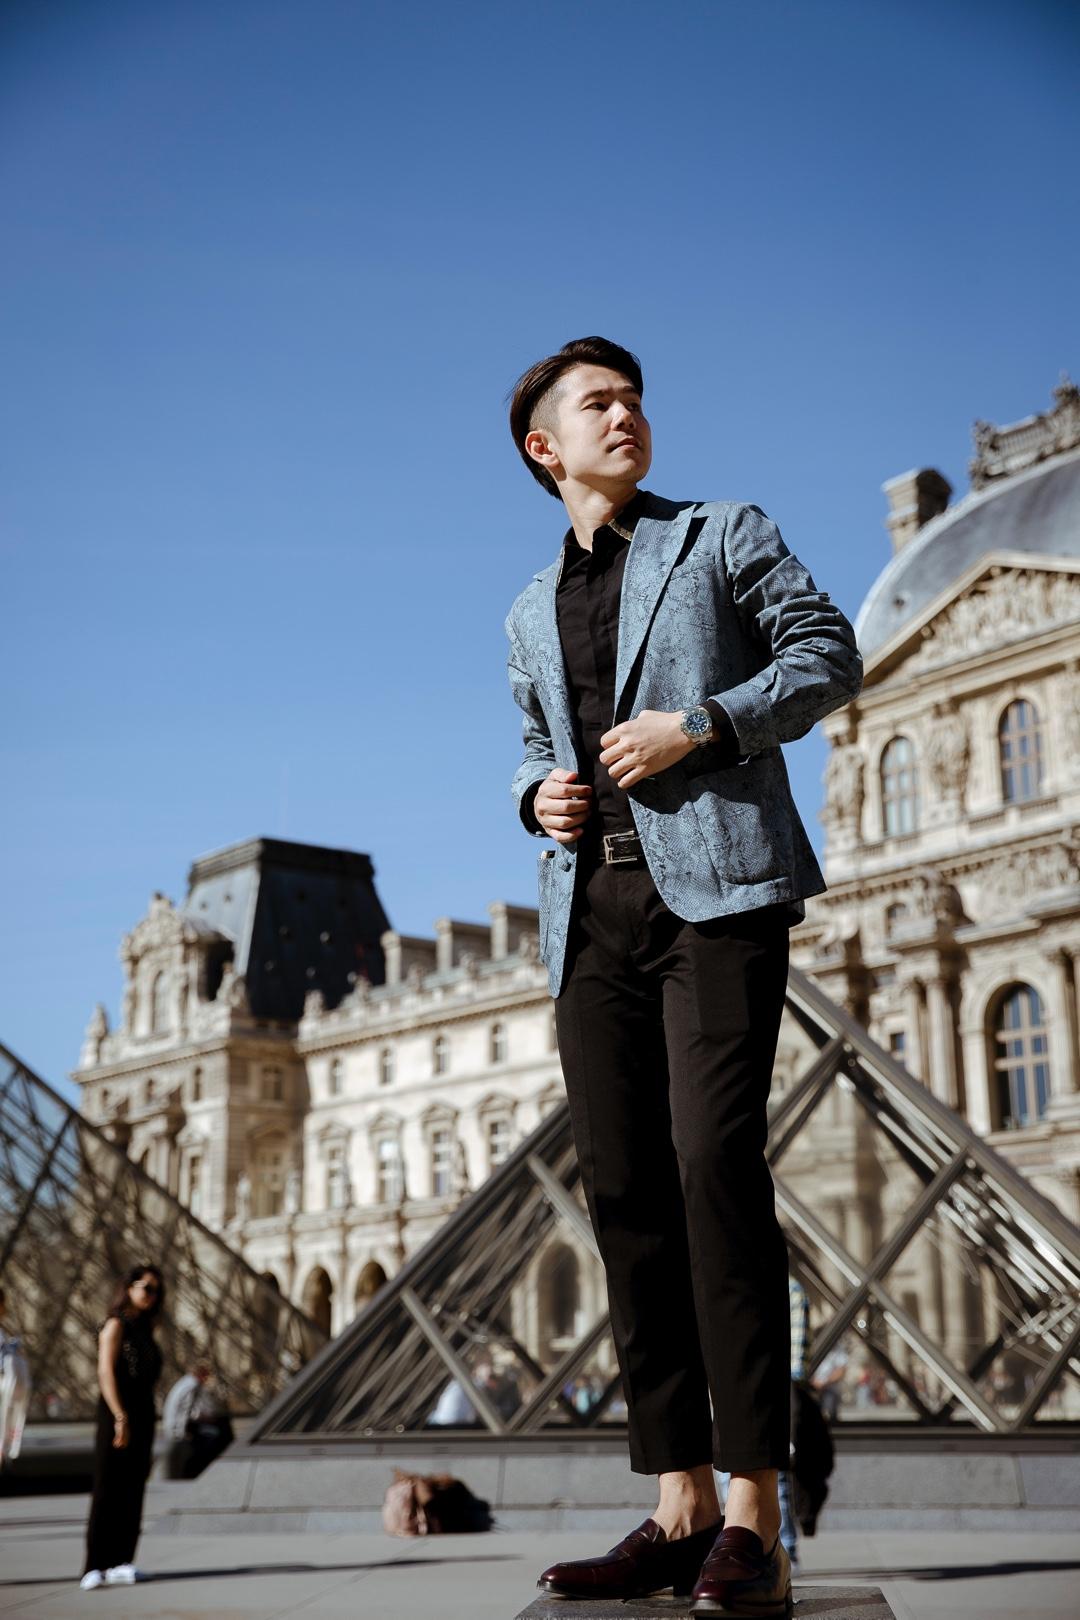 放晴后的巴黎天气格外地好,阳光慵懒地洒在身上。春天是乱穿衣的季节,午后你可以穿件T恤,踩着滑板;到了晚上你却裹上大衣,烤着餐厅的火炉……嗯,巴黎到处都是时尚的气息。 ————— 搭配单品: 西装:MasionLvchino 衬衫:ALEXANDER MCQUEEN 手表:劳力士 皮带:gucci 乐福鞋:Milch-Lei #小长假又双叒叕来啦!!#